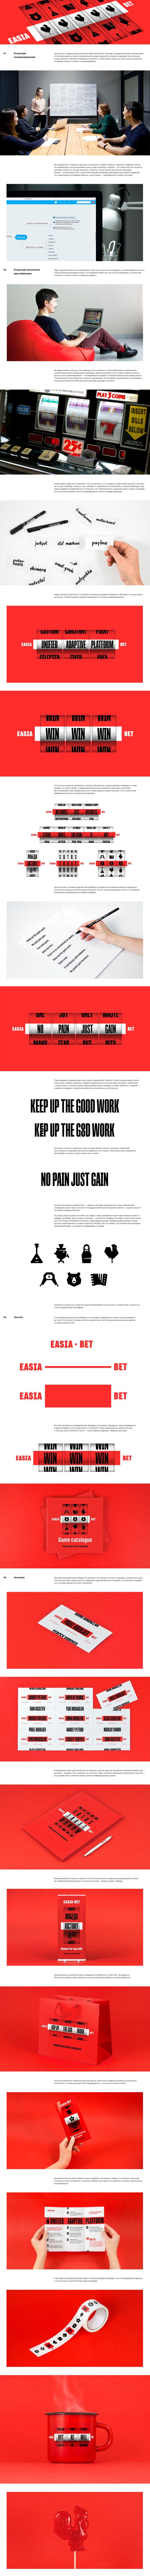 EASIA-BET, Фирменный стиль © Nimax Brands